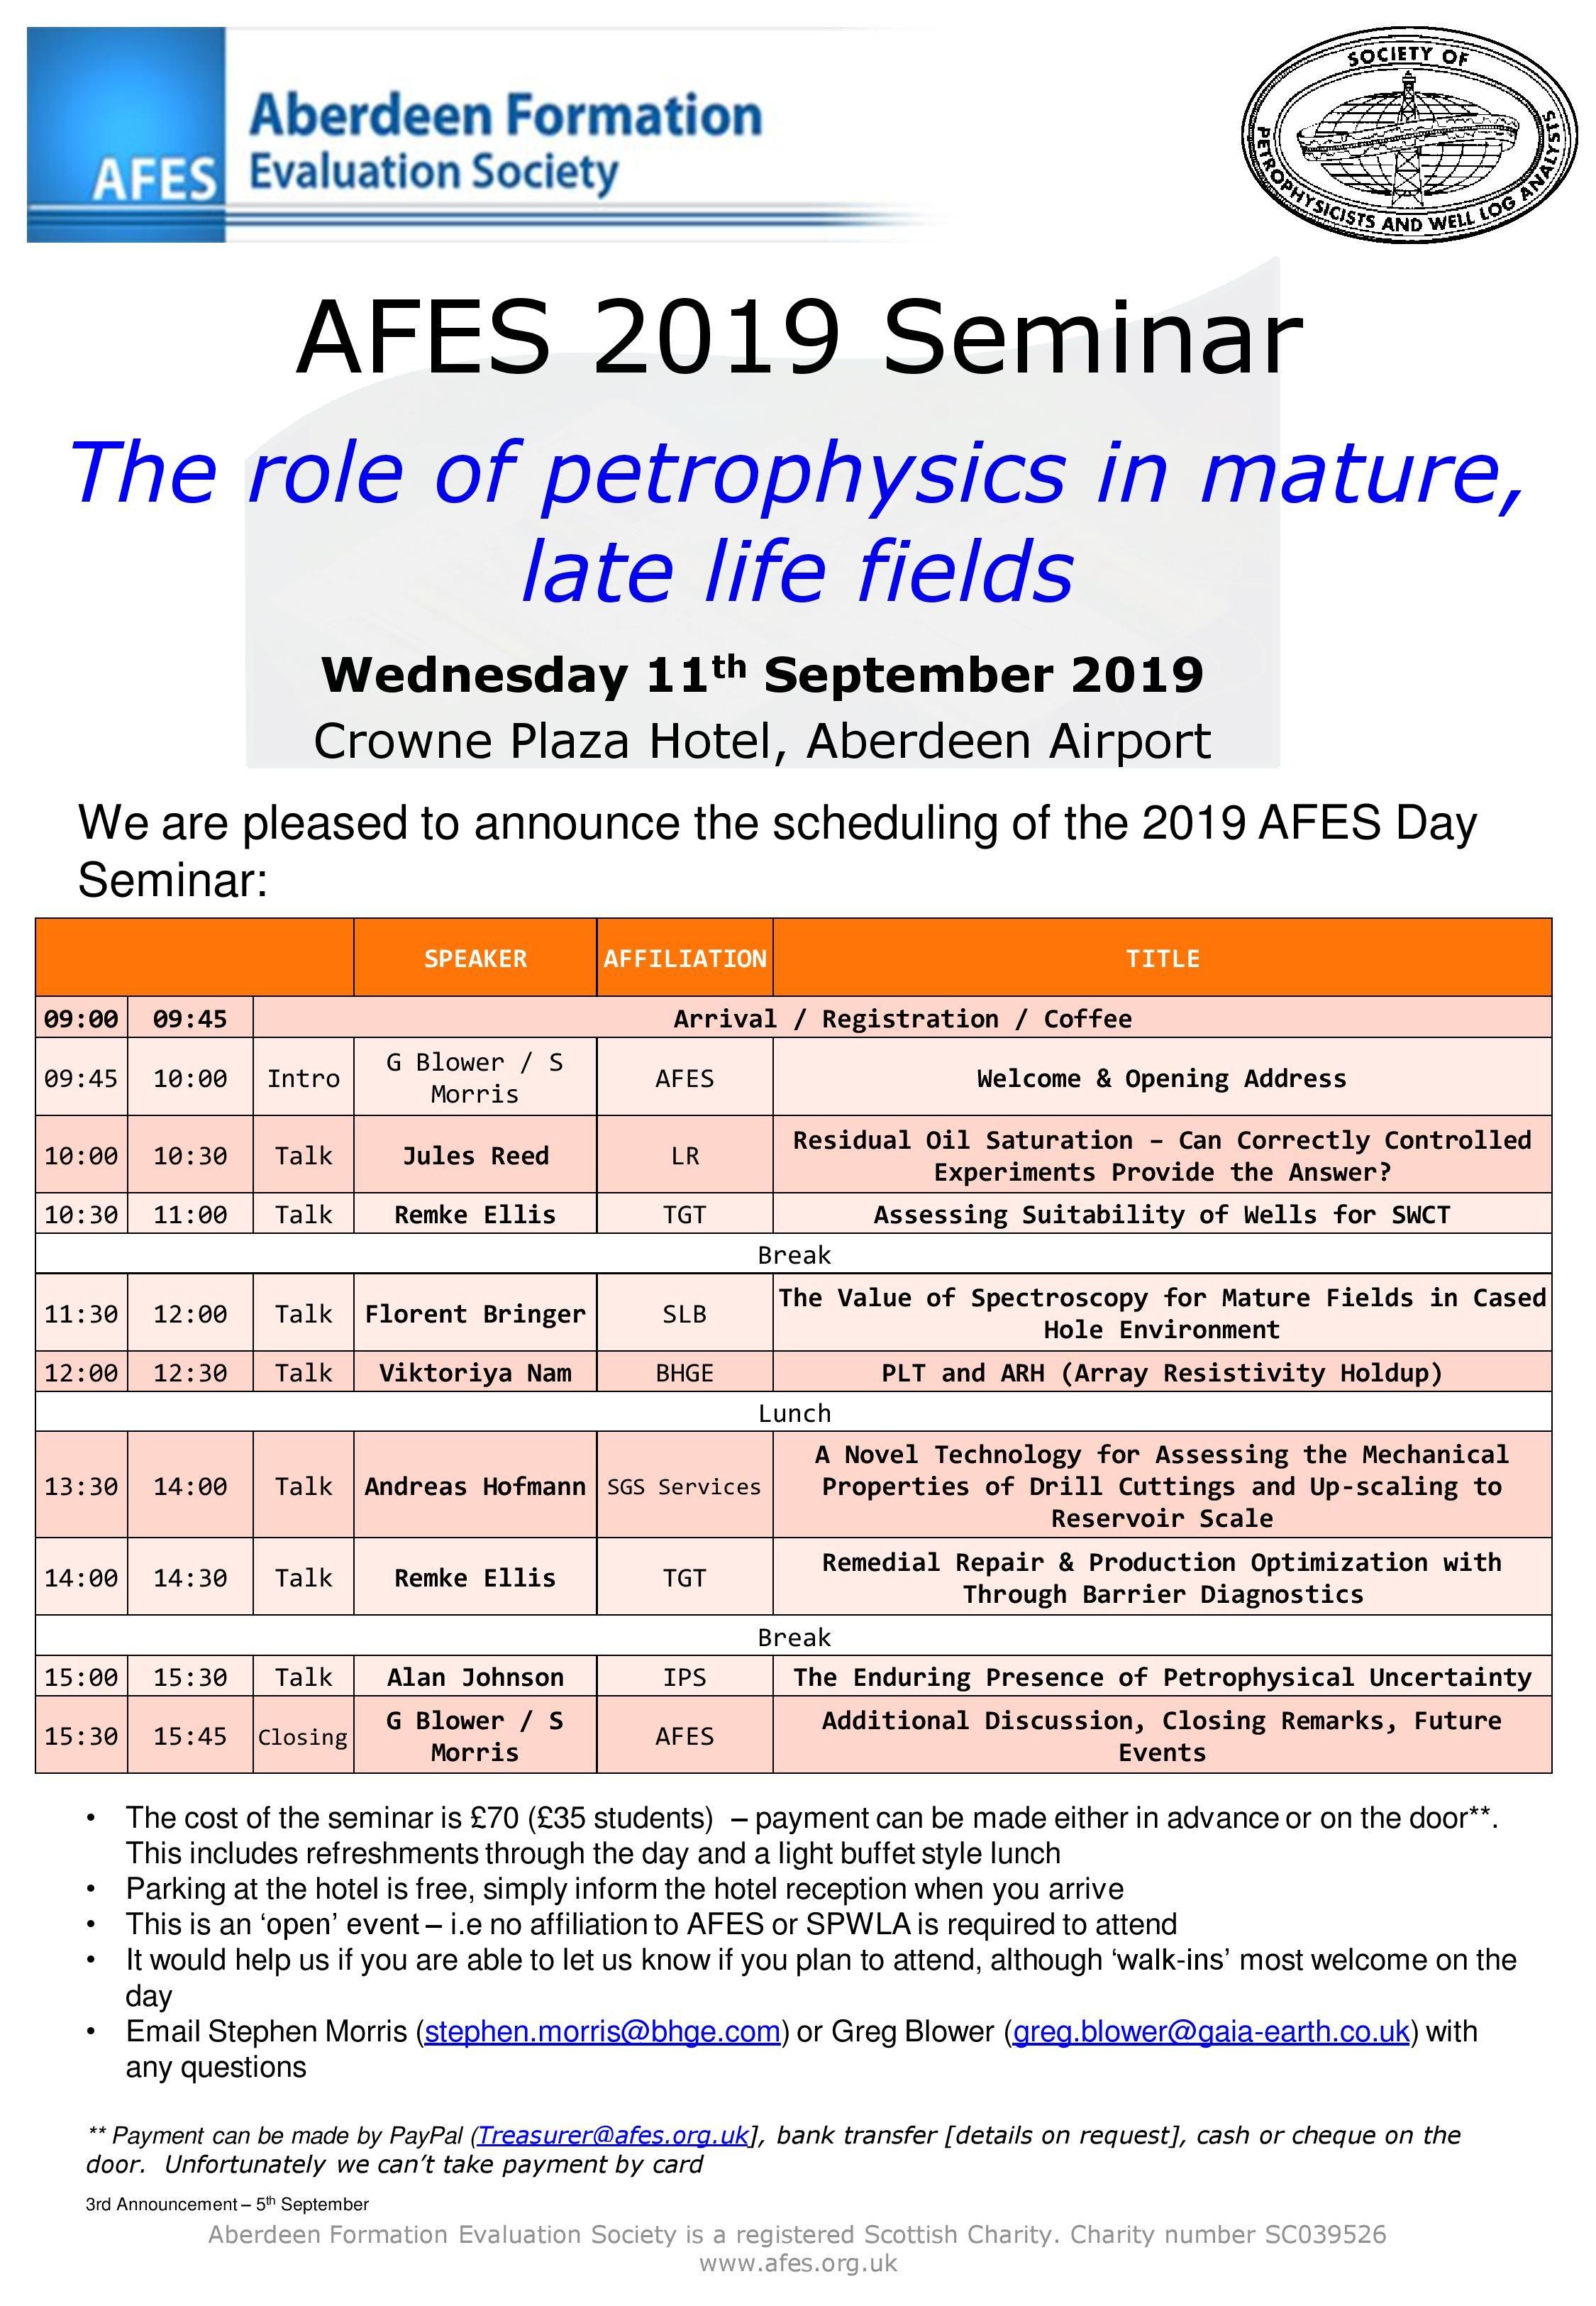 AFES 2019 Seminar Schedule